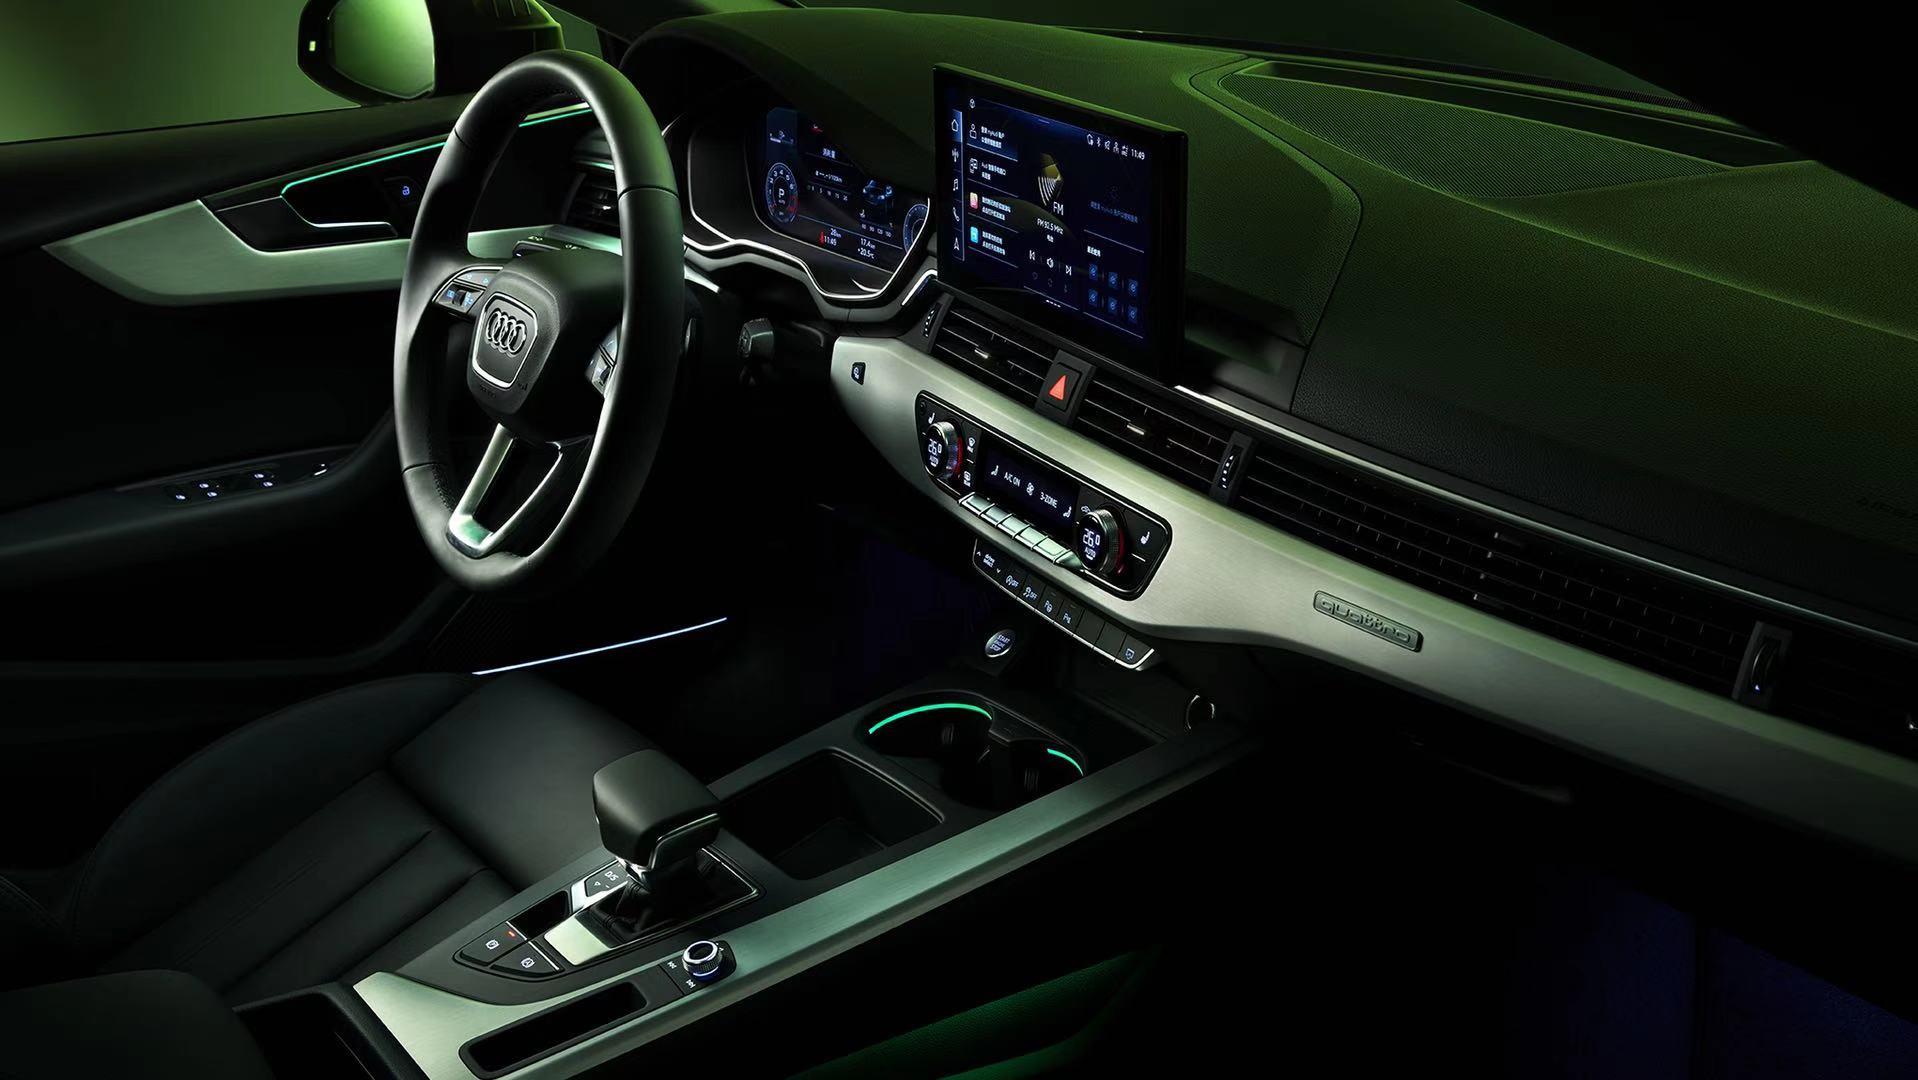 新款奥迪A5家族正式上市 三种版本售价37.18-55.18万元